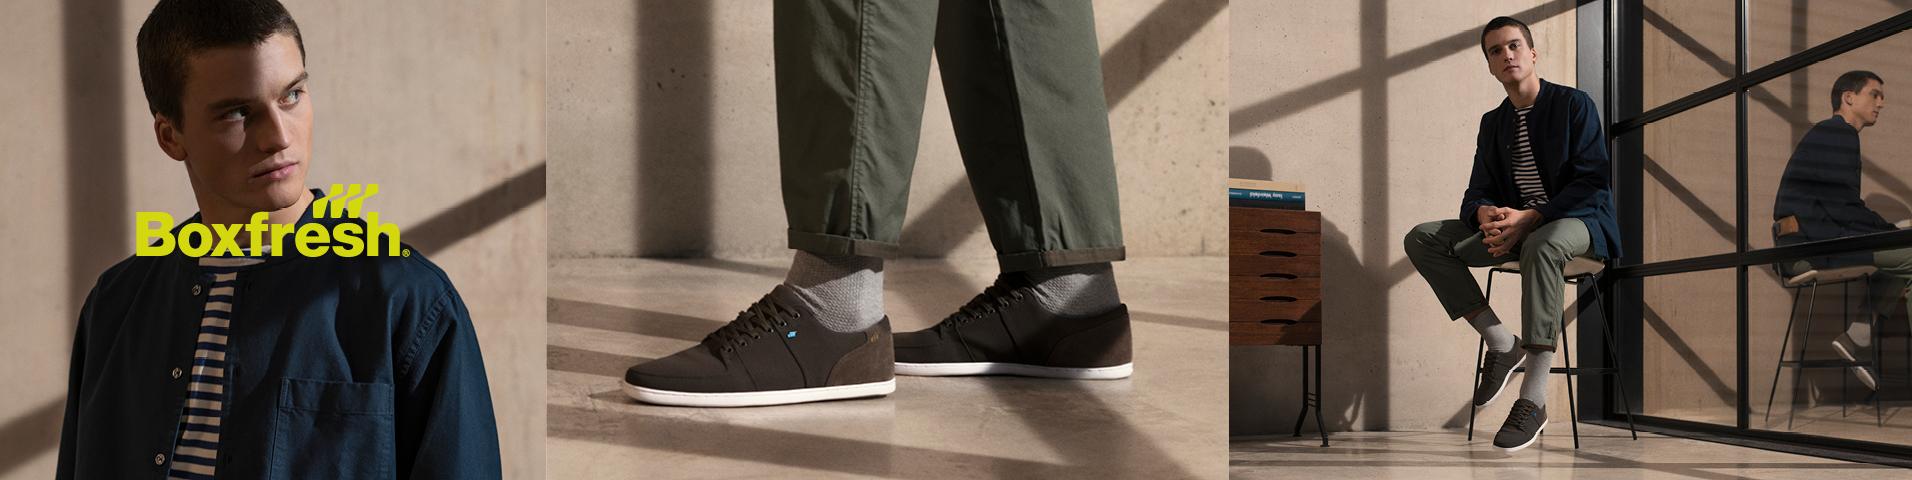 Chaussures Boxfresh Nouvelle collection sur Zalando Nouvelle collection sur Zalando